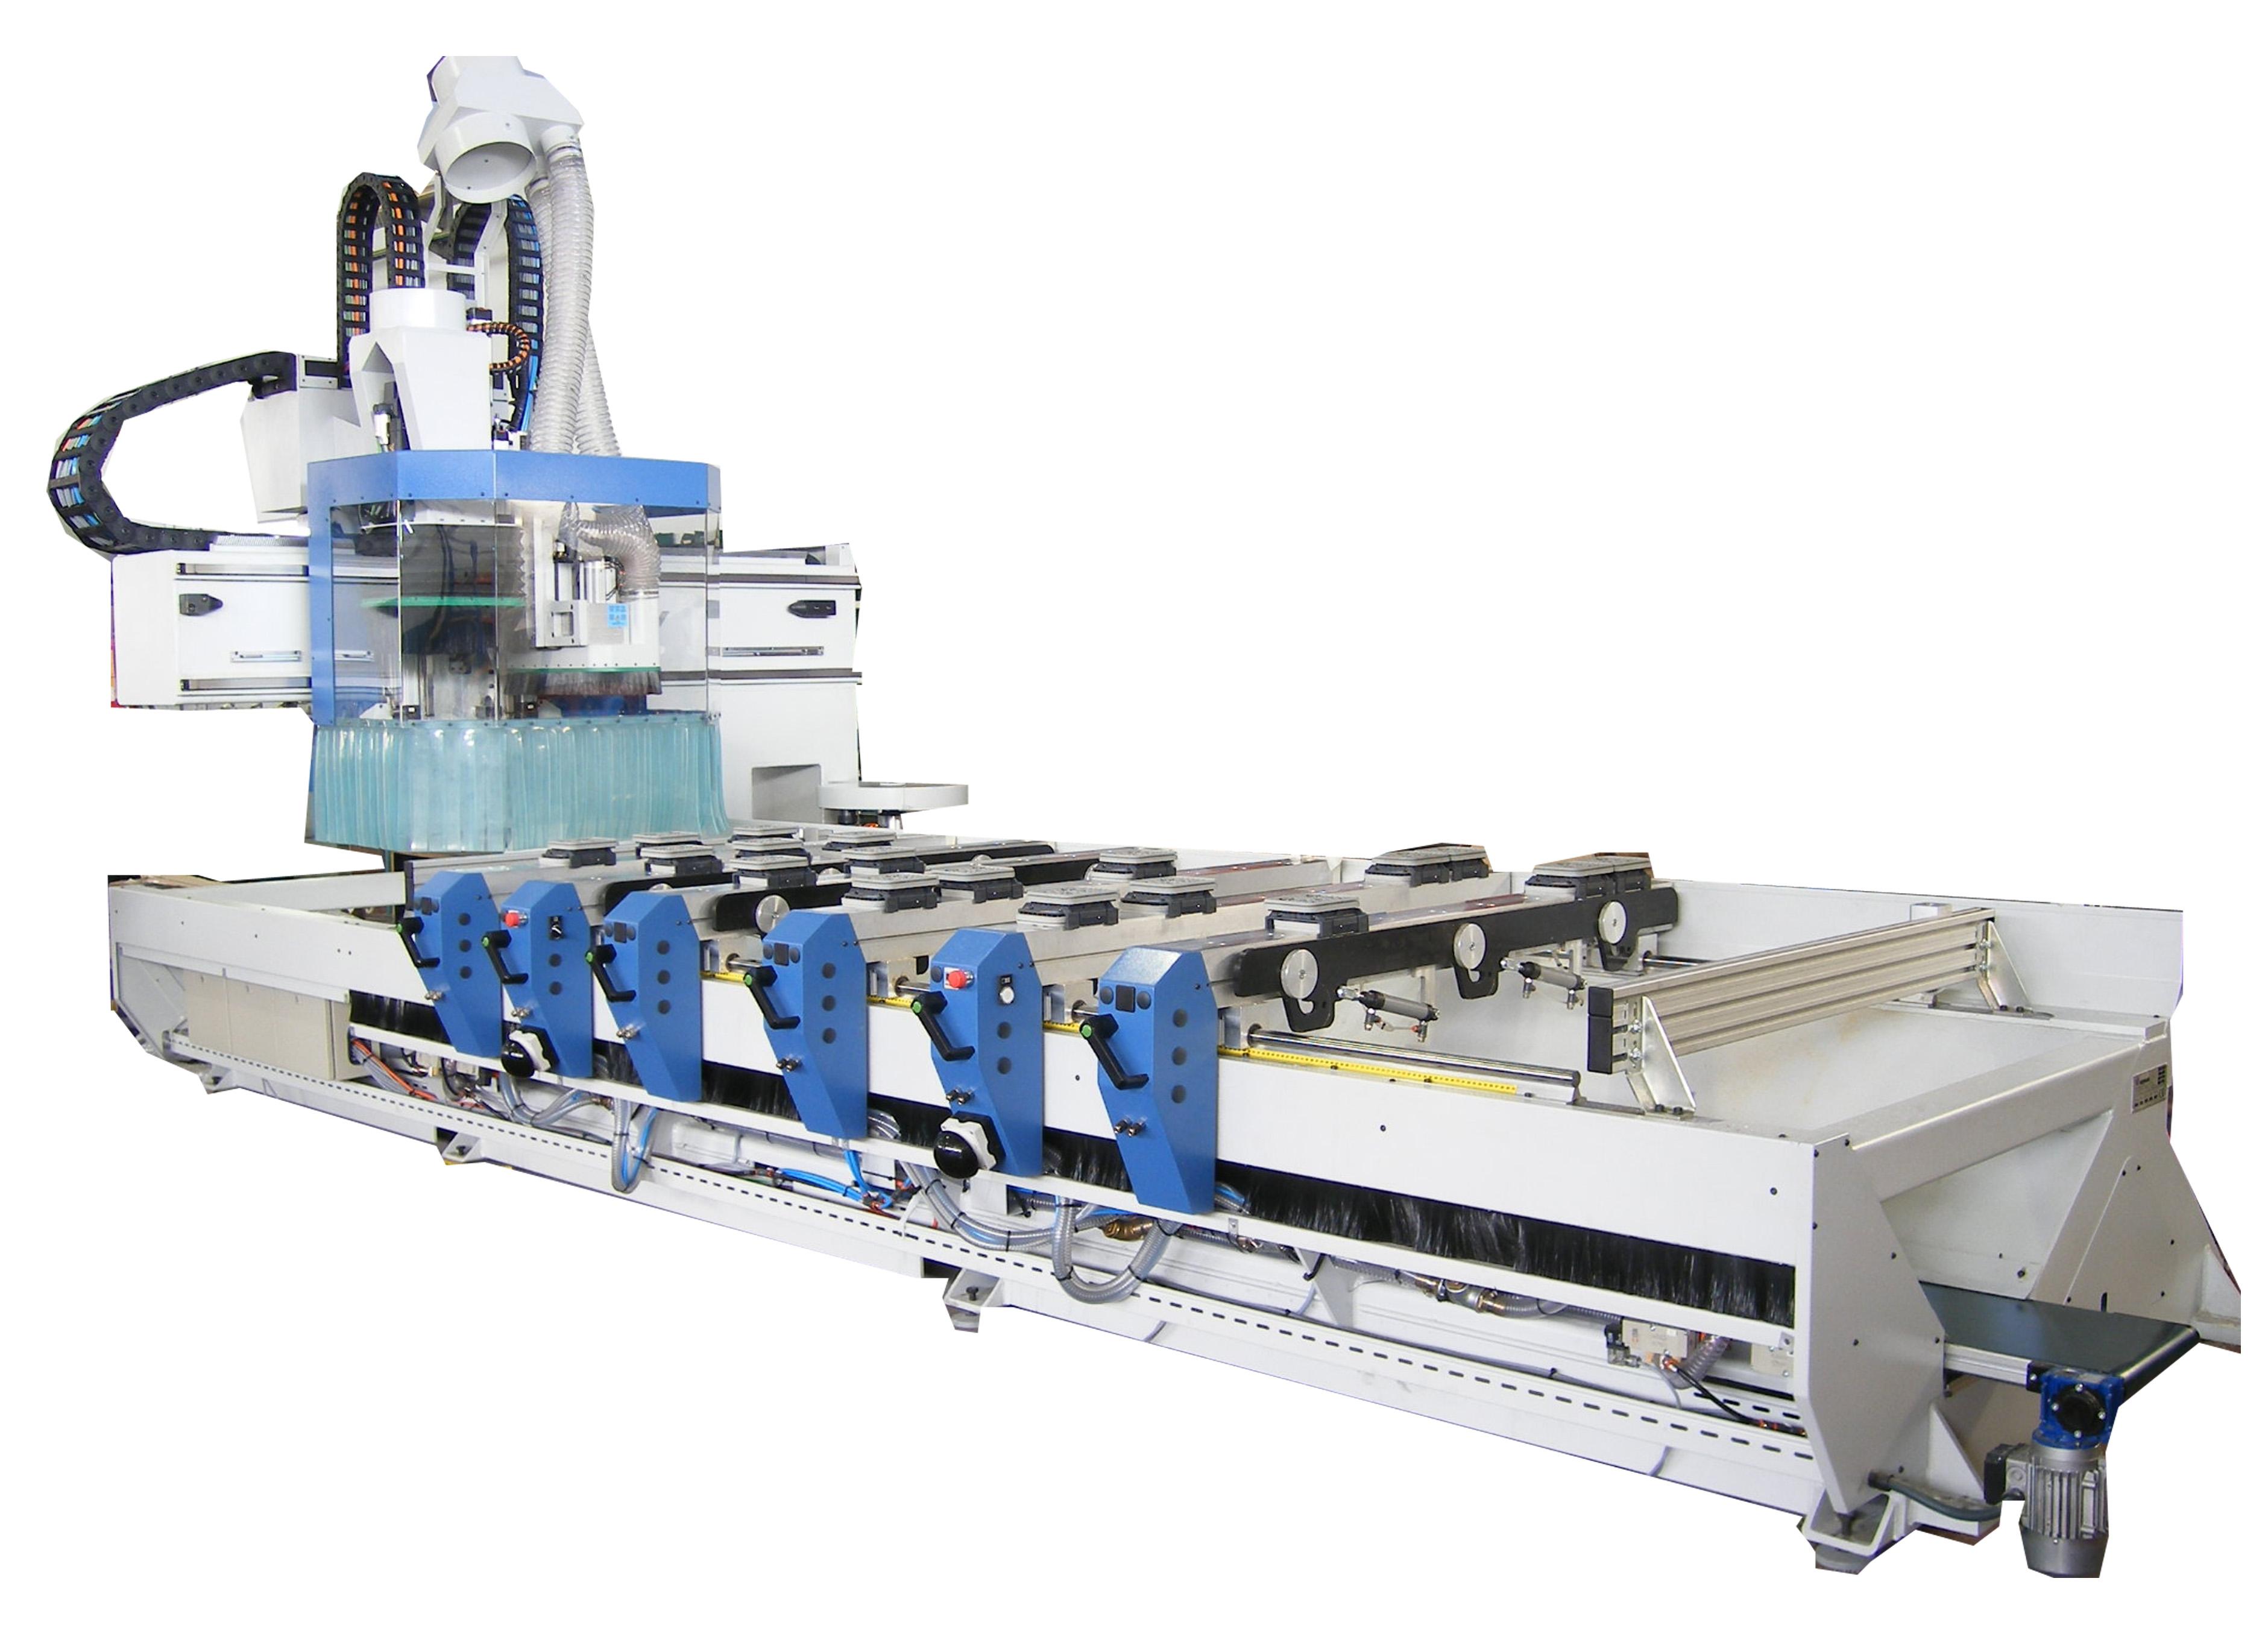 La fresadora de control numérico (CNC), modelo VICTORY, destaca por su gran versatilidad. Diseñada f...